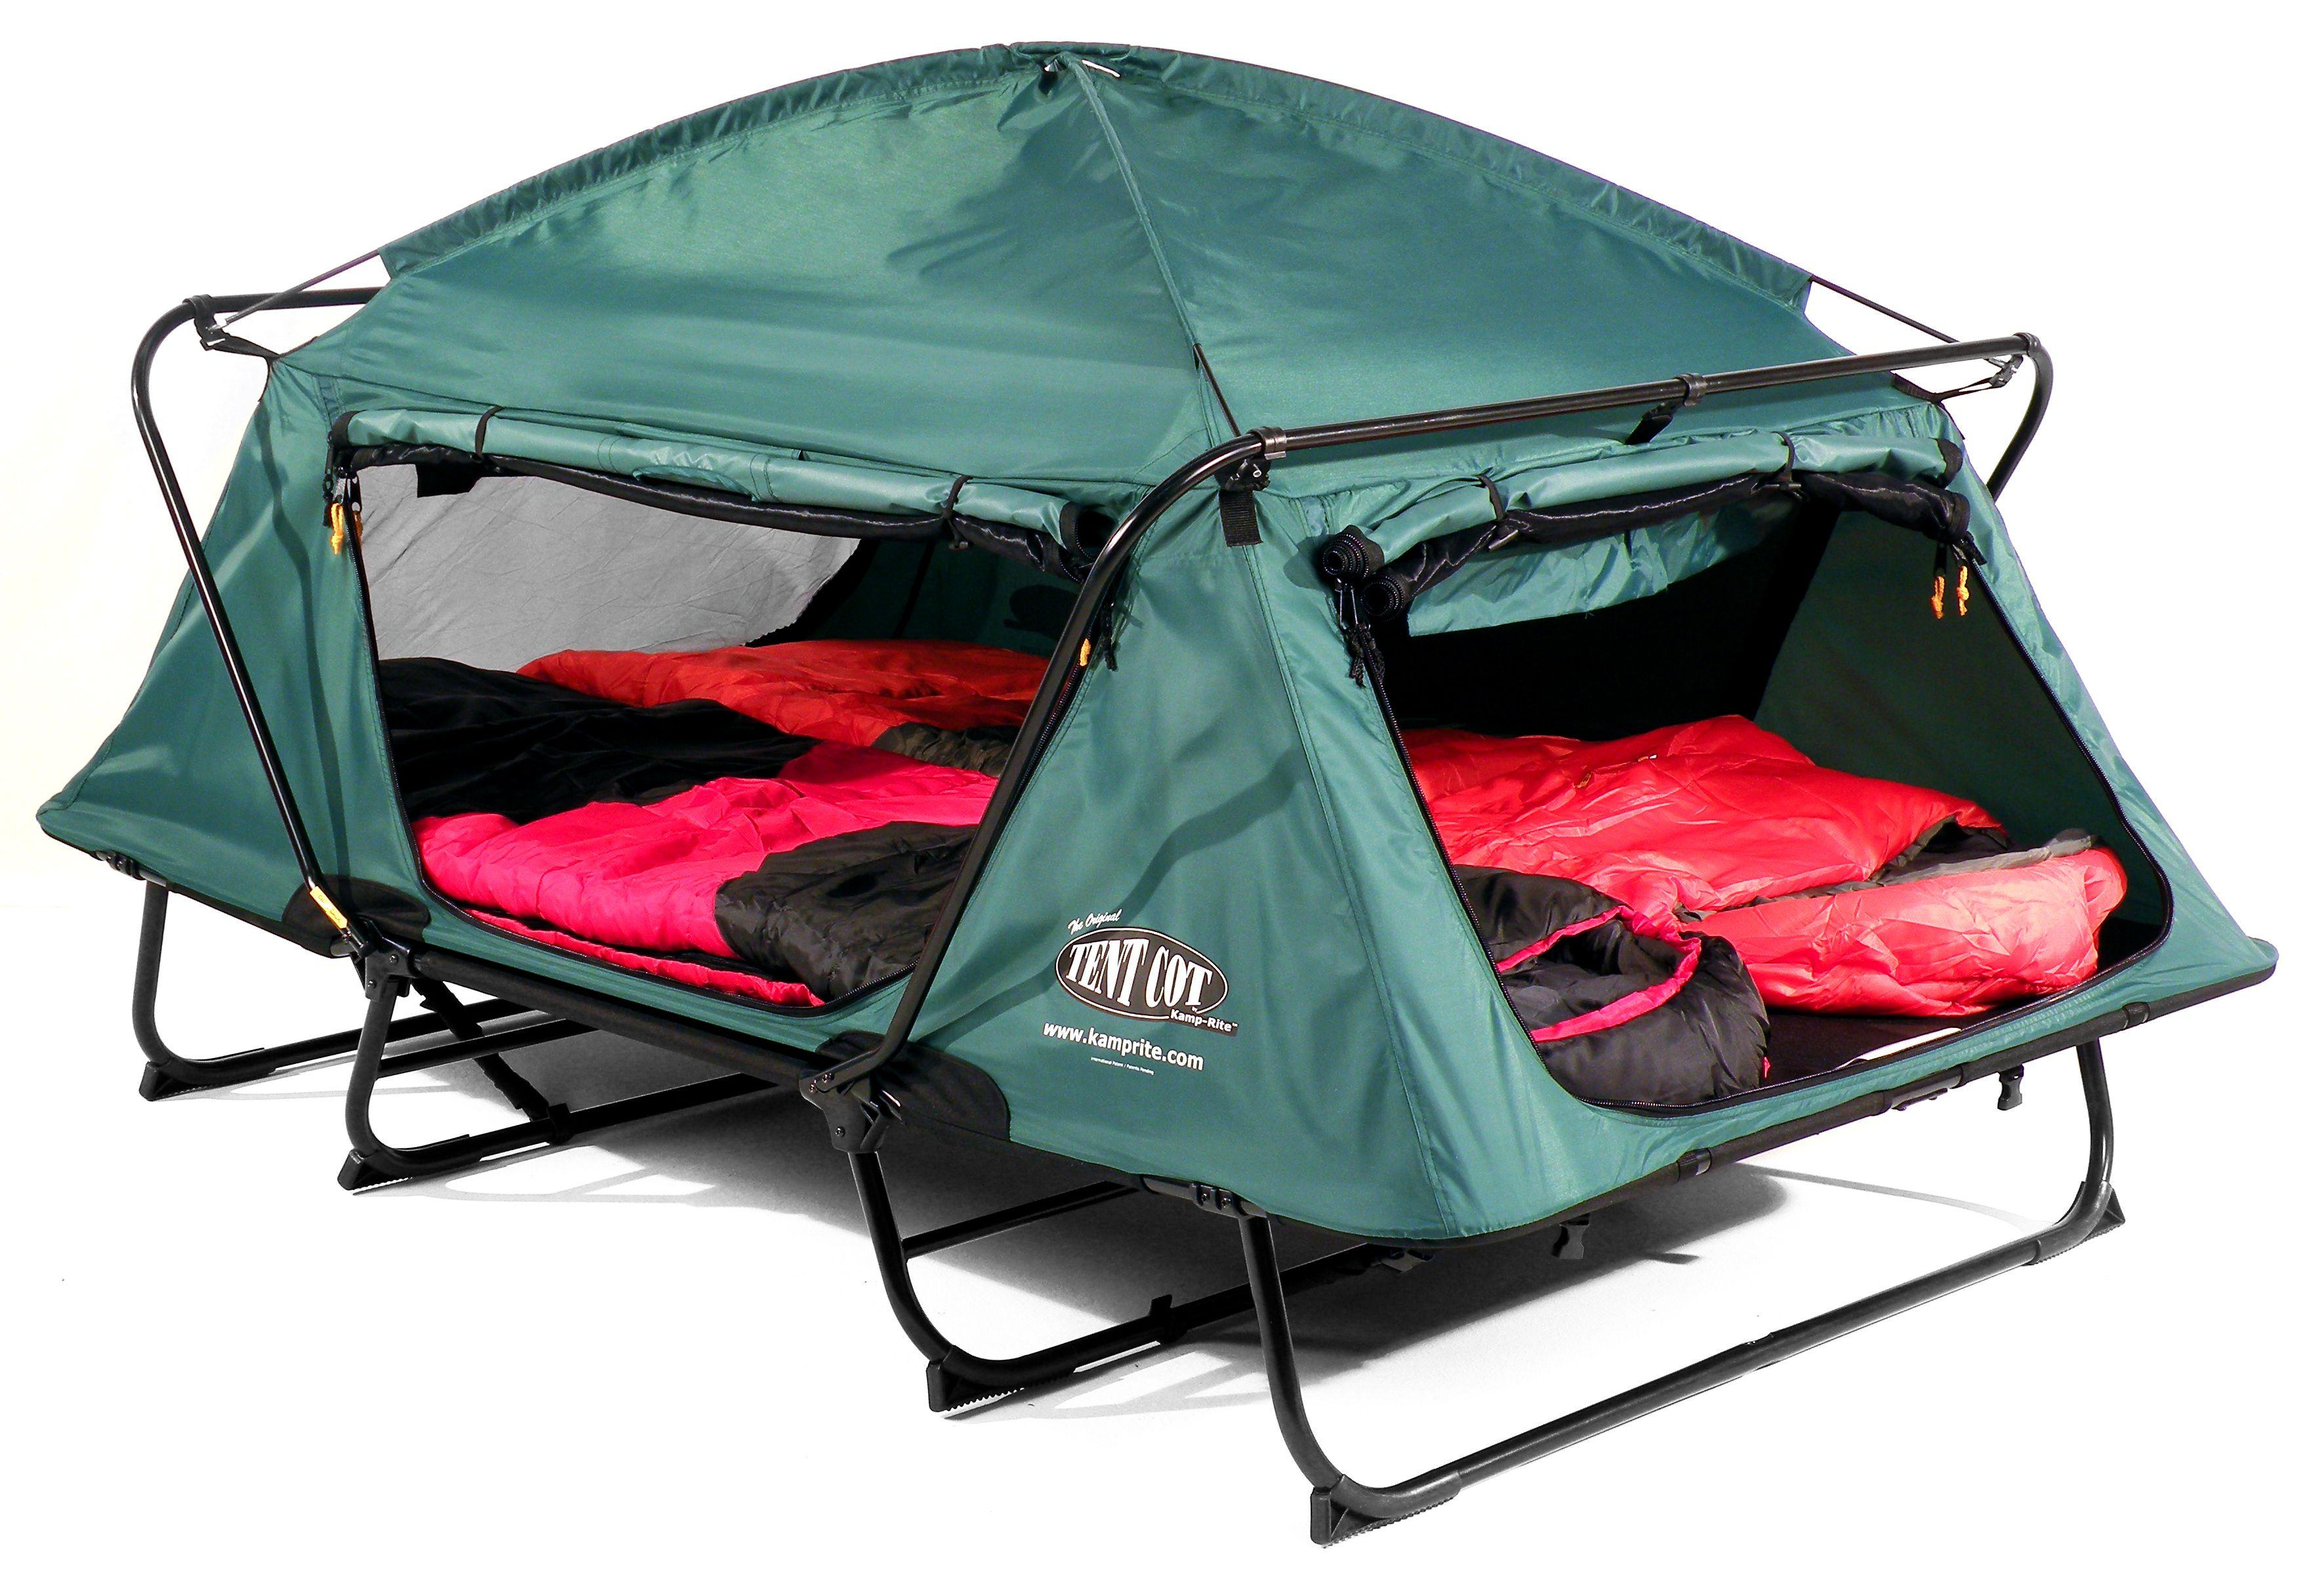 Cozy K&-Rite Double Tent Cot  sc 1 st  Pinterest & Cozy Kamp-Rite Double Tent Cot | Survivor | Pinterest | Tent cot ...